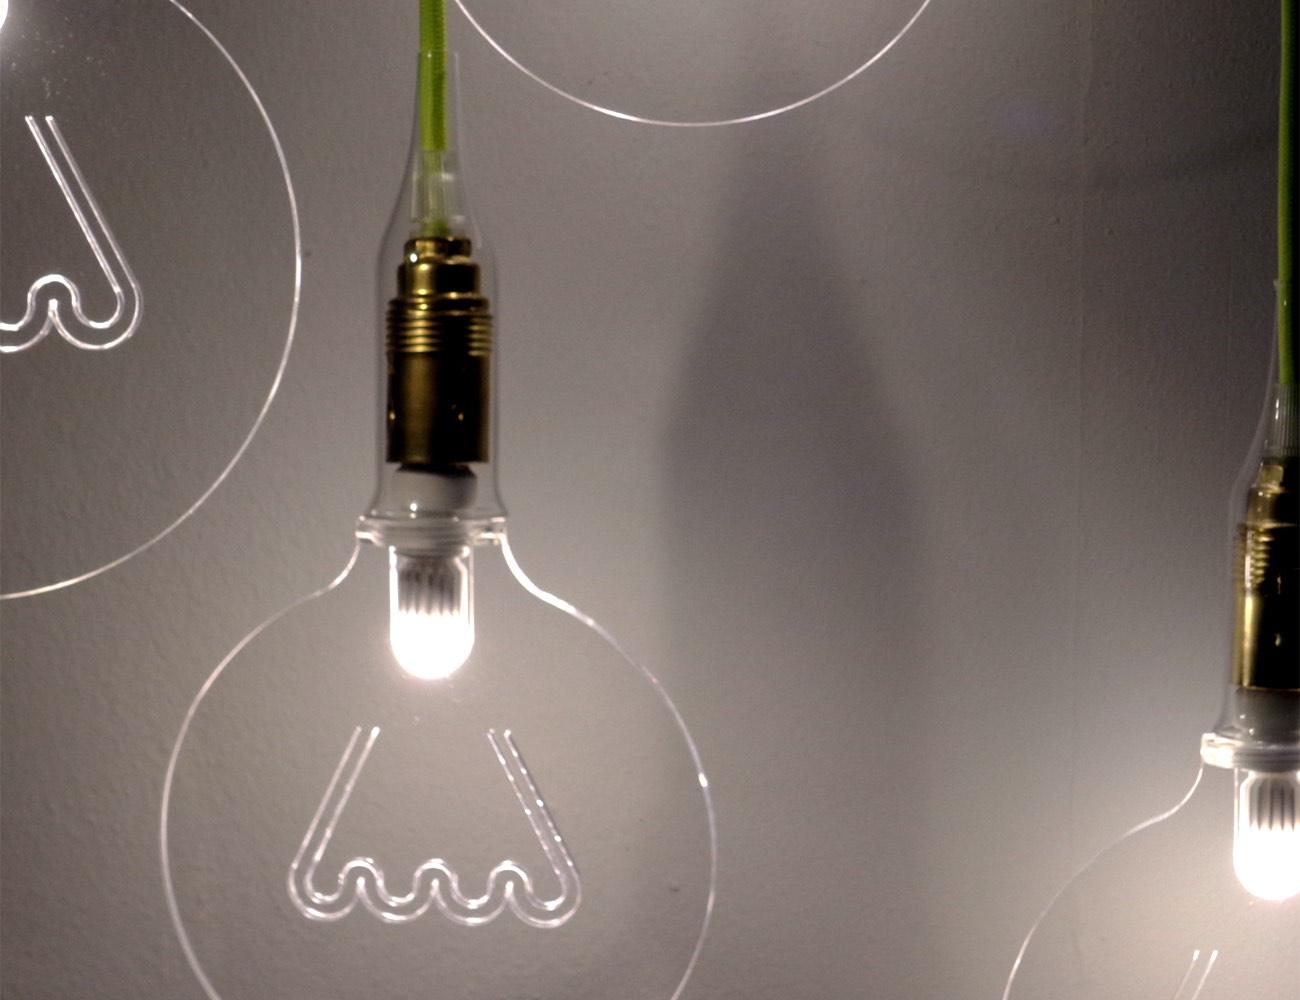 Led Bulb in Memory of Edison's Bulb